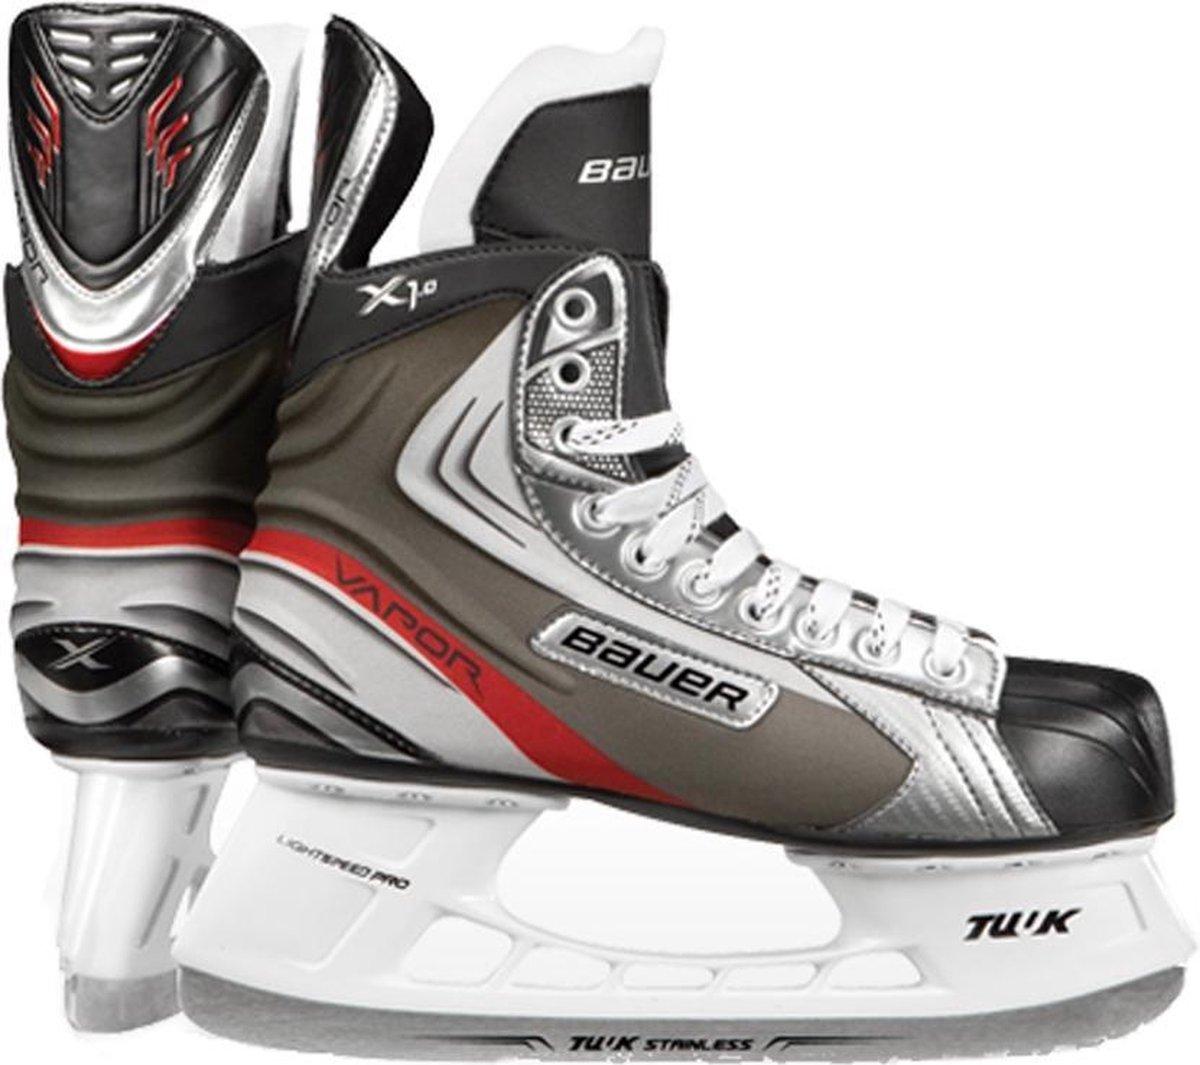 Bauer IJshockeyschaats Vapor X1.0 | Maat 10